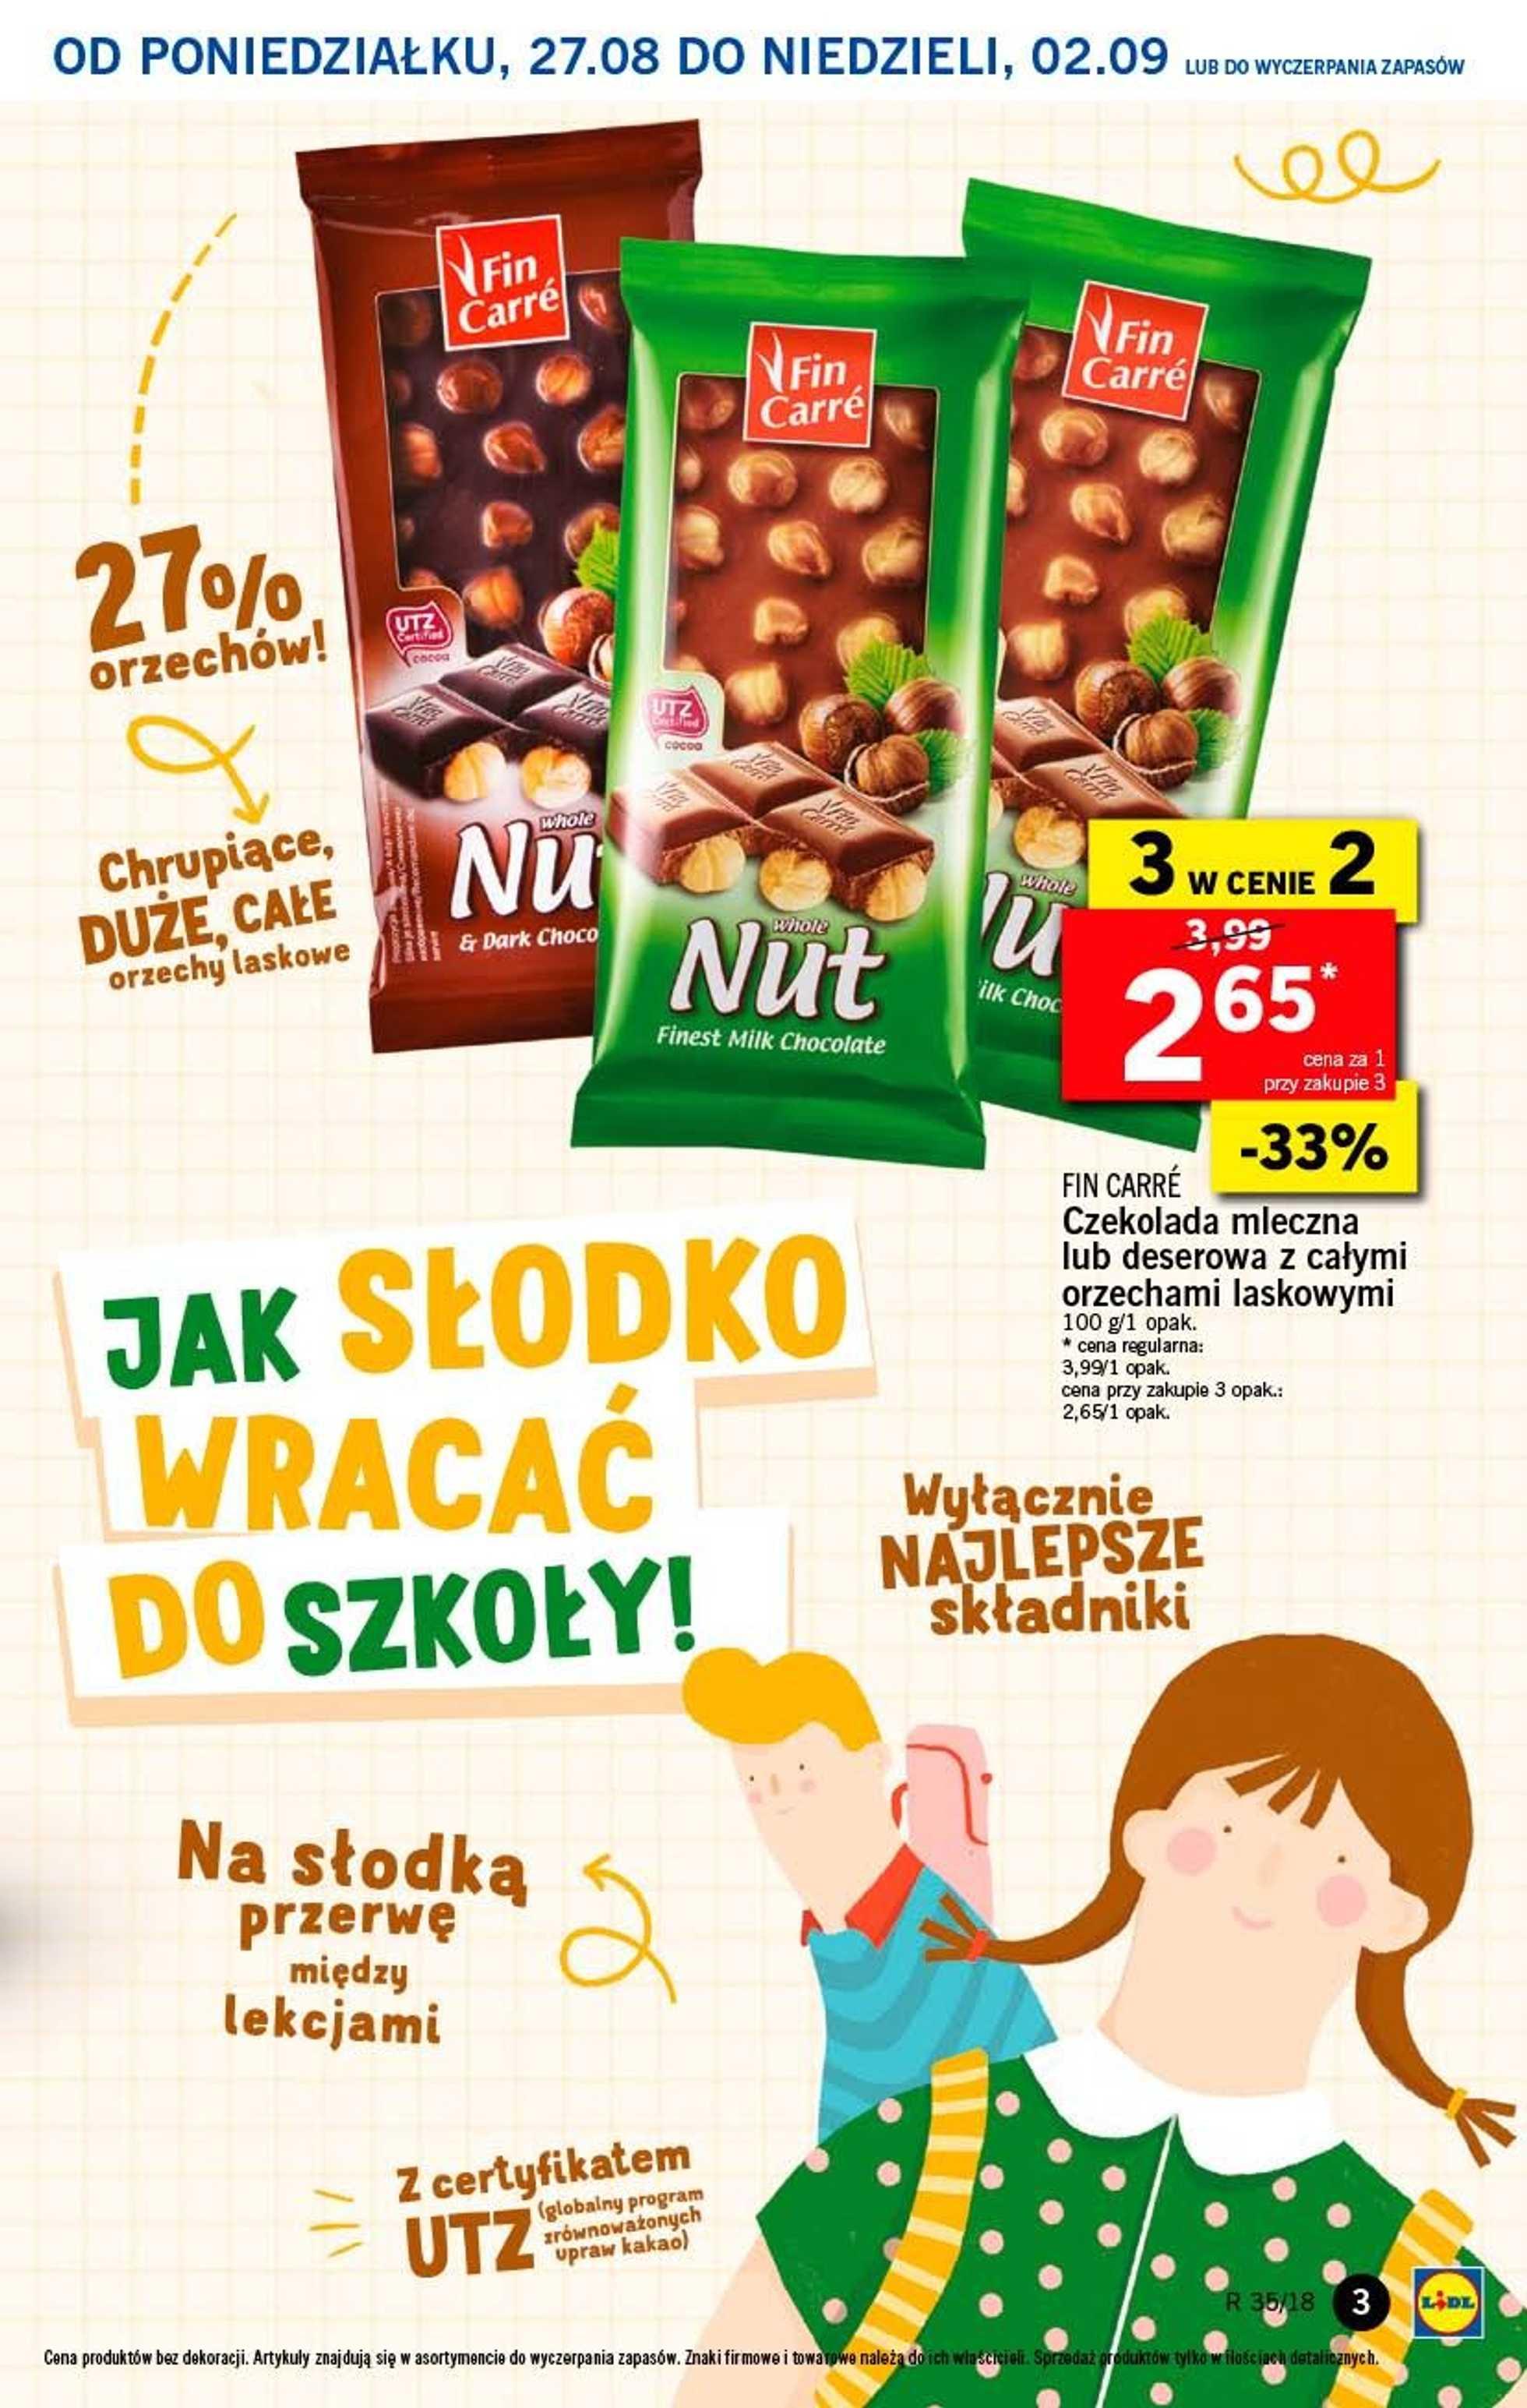 Lidl - gazetka promocyjna ważna od 27.08.2018 do 29.08.2018 - strona 3.